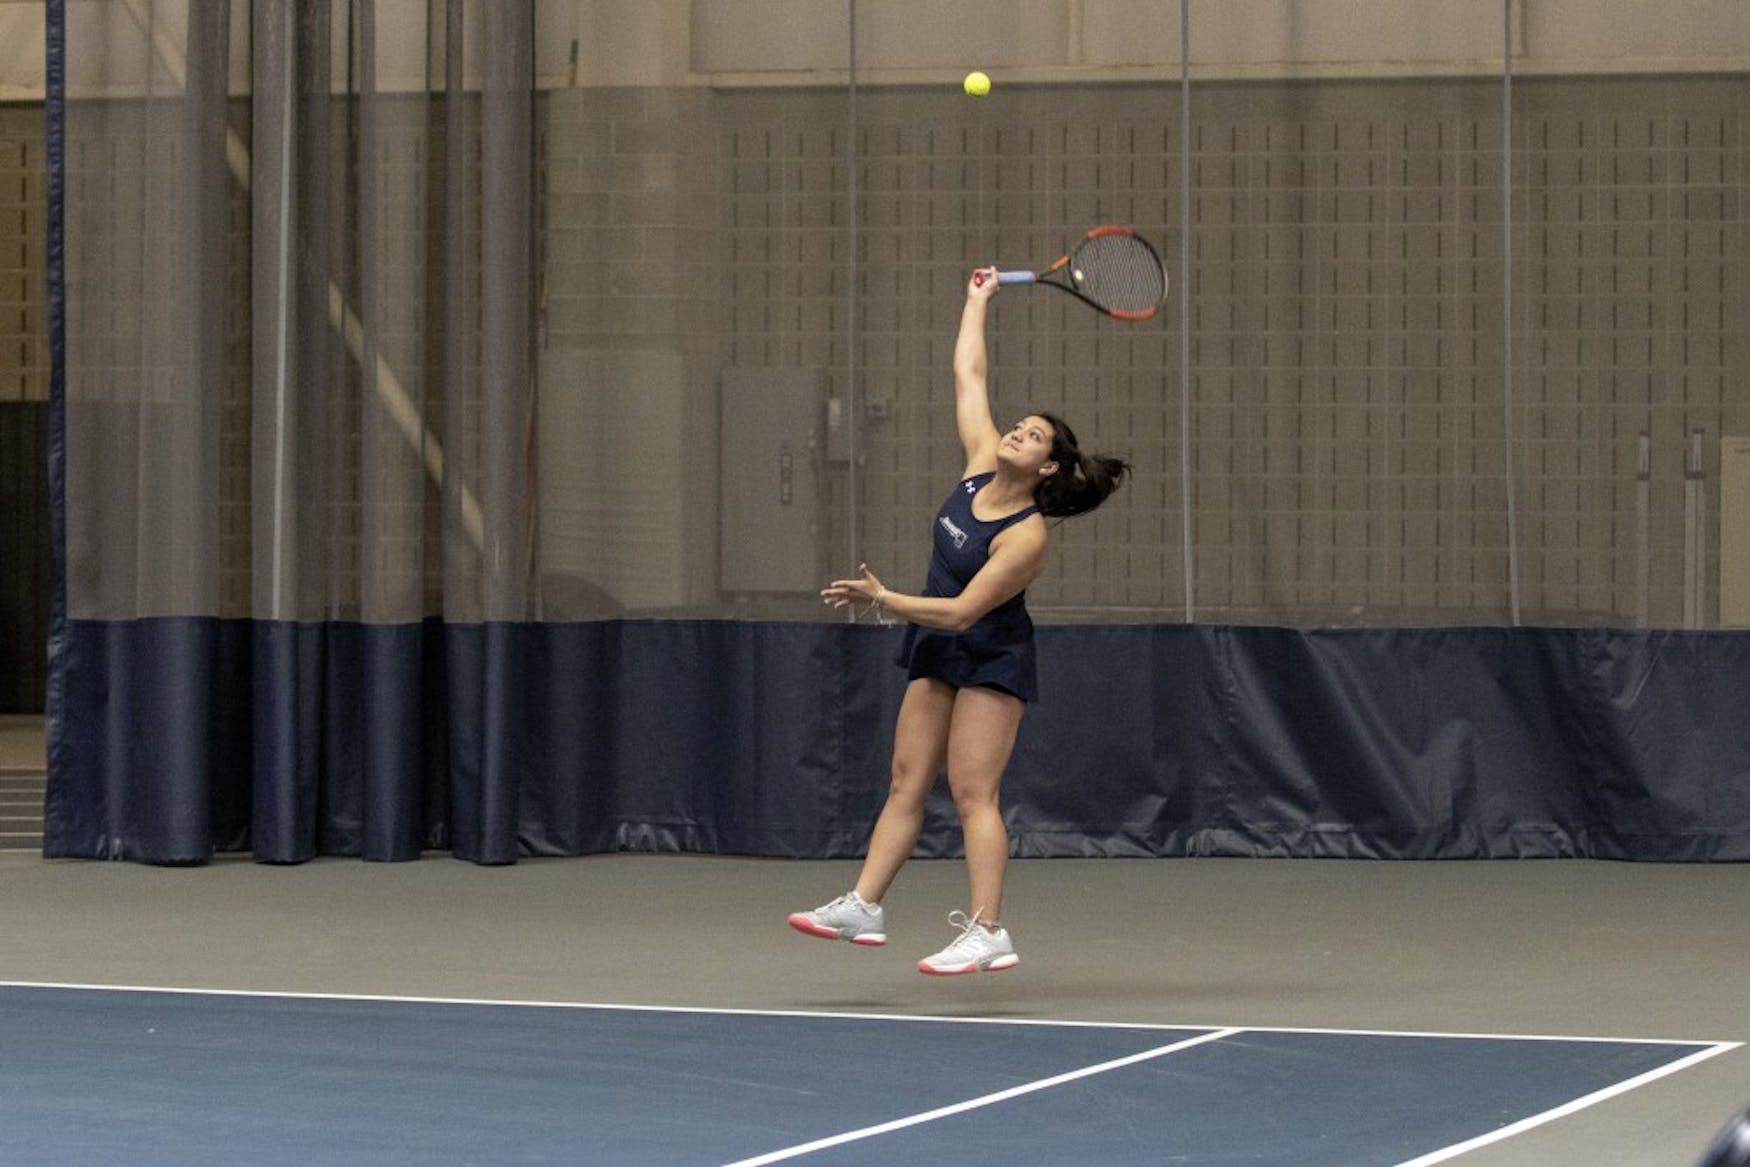 Tennis W. vs MIT 3.9.19 ZB 0016.jpg